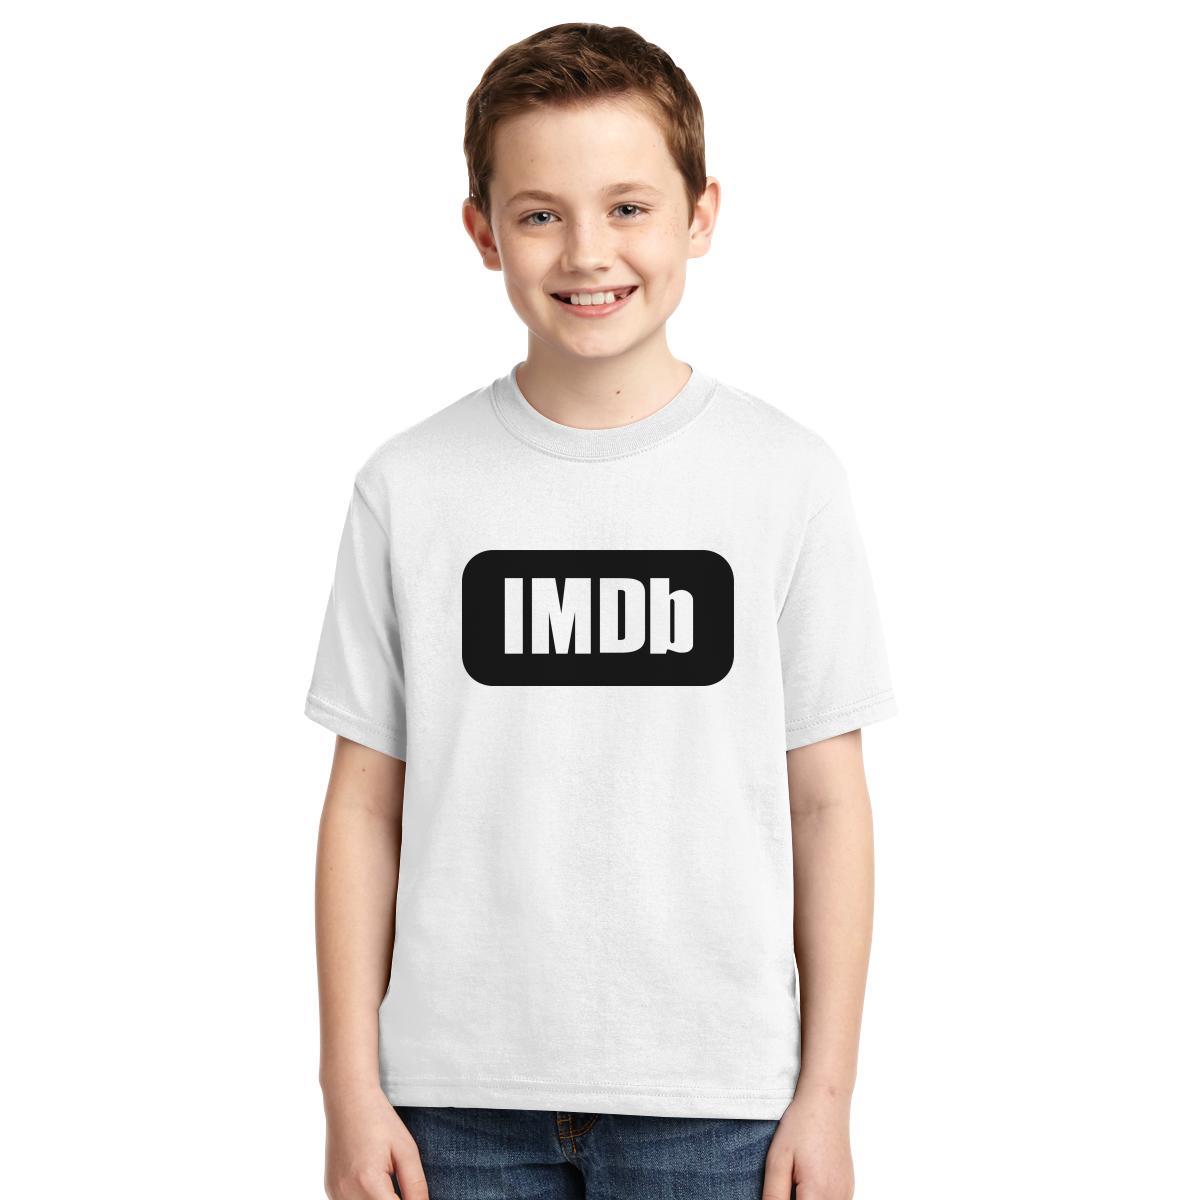 IMDb Logo Youth T-shirt | Customon.com